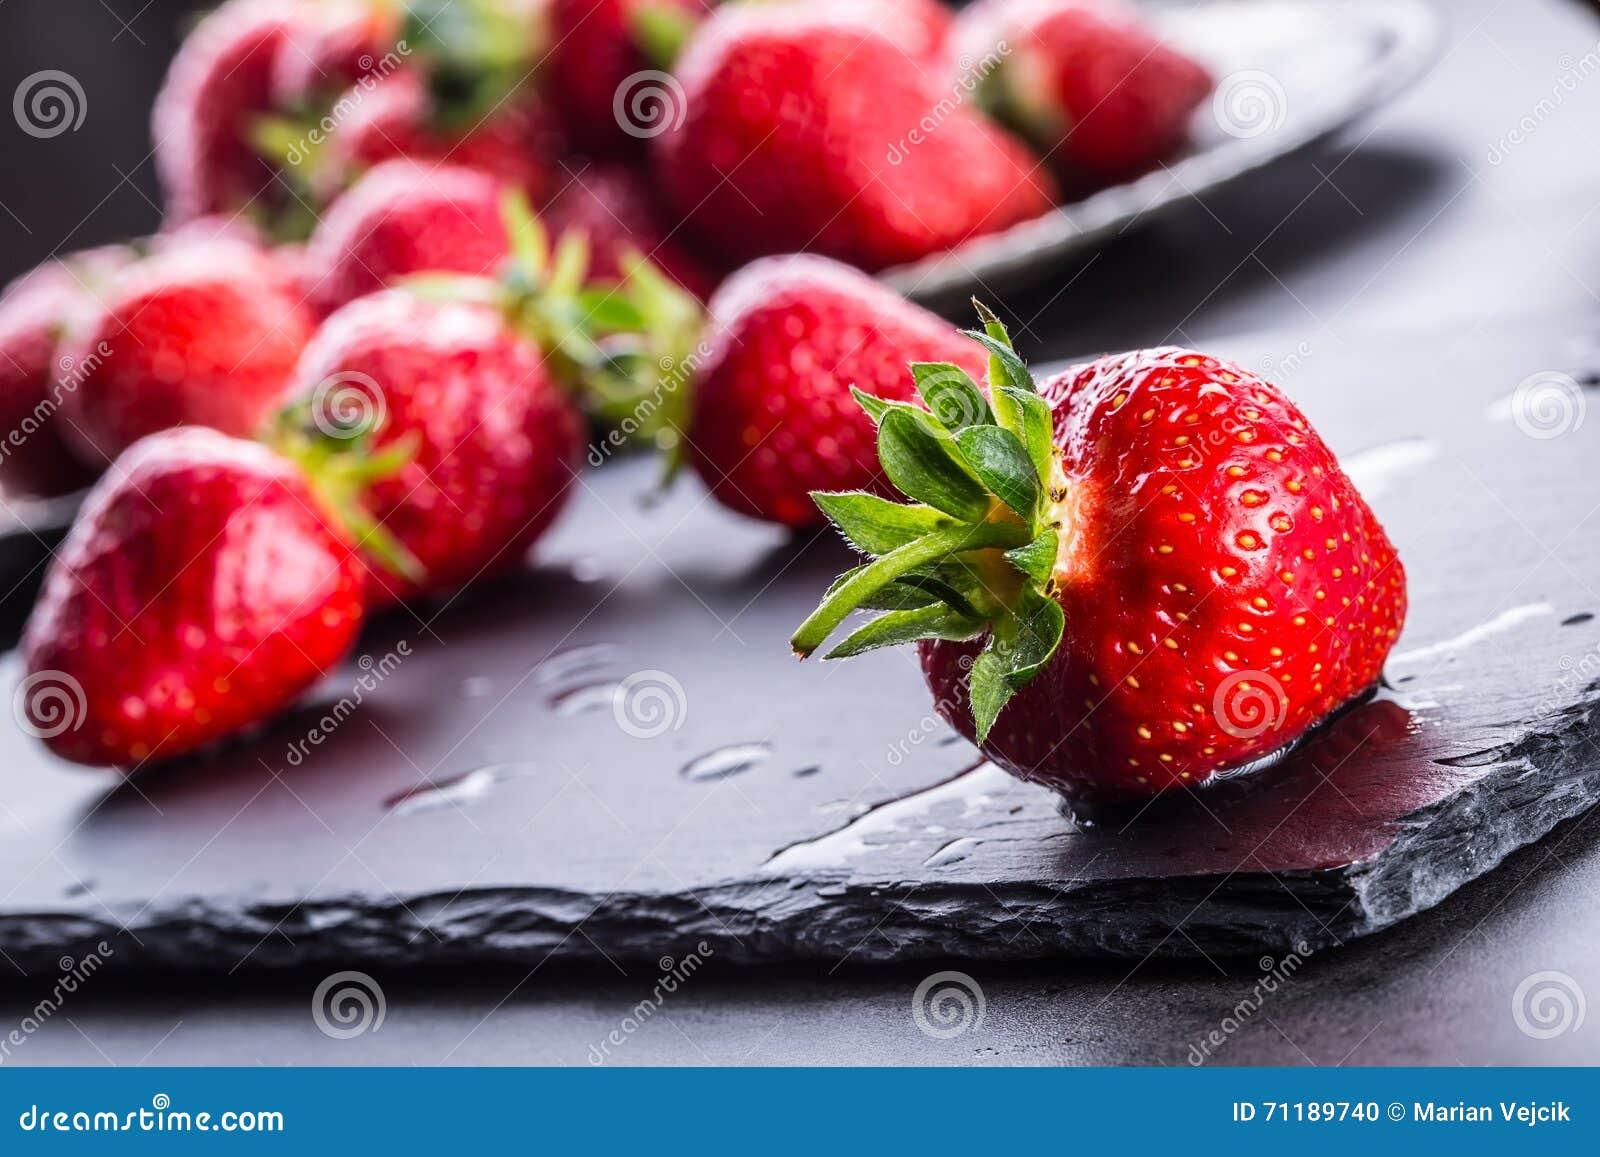 草莓 新鲜的草莓 红色strewberry 草莓汁 宽松地被放置的草莓用不同的位置